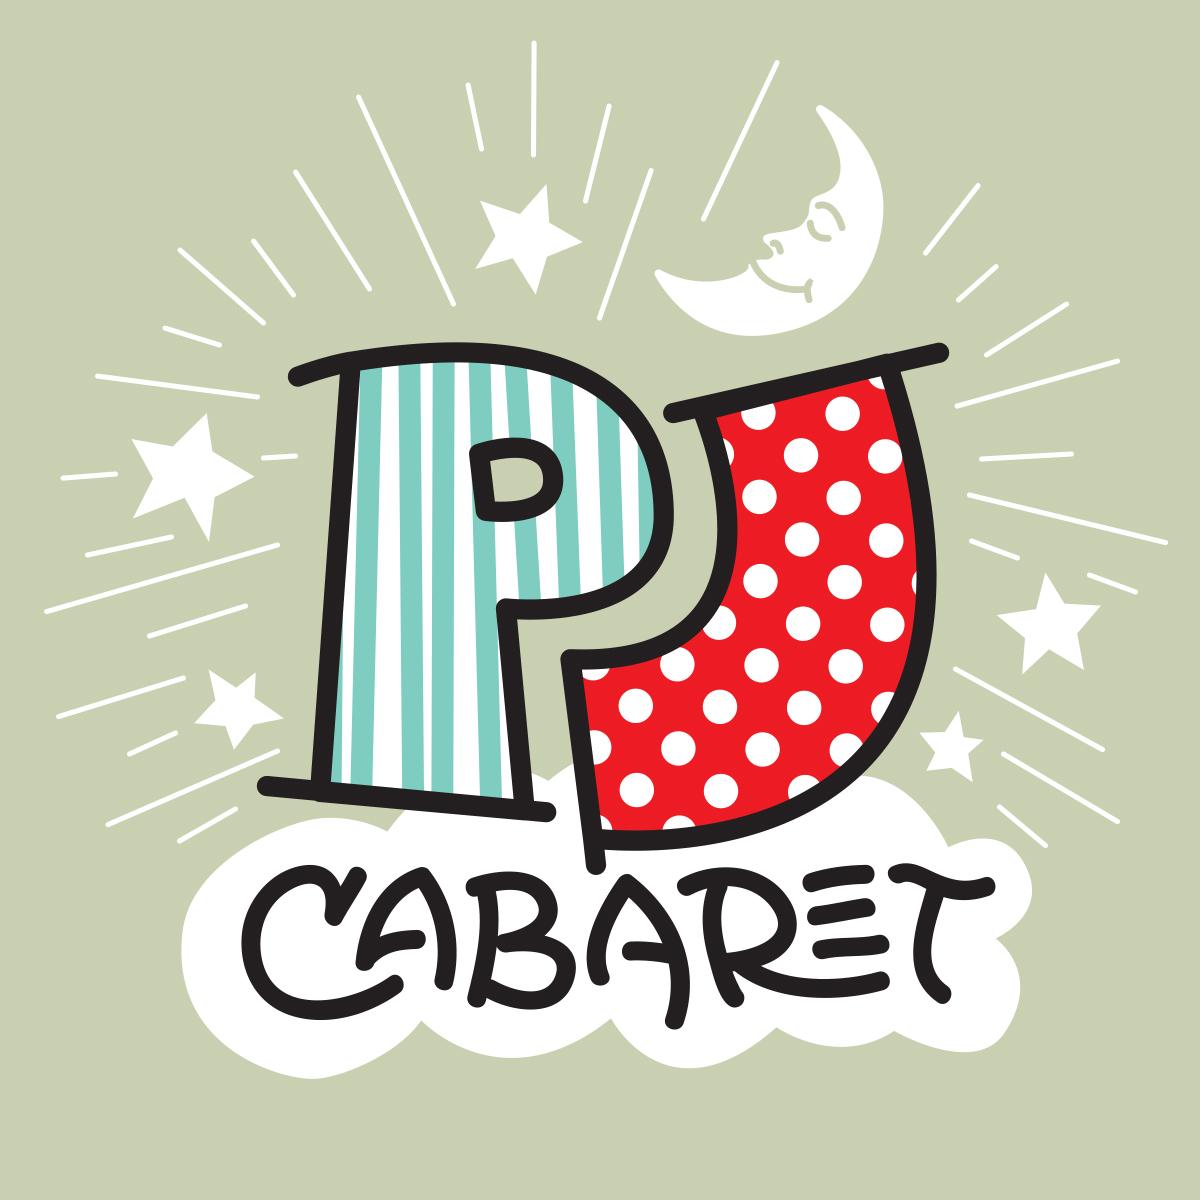 pjcabaret-rev.jpg